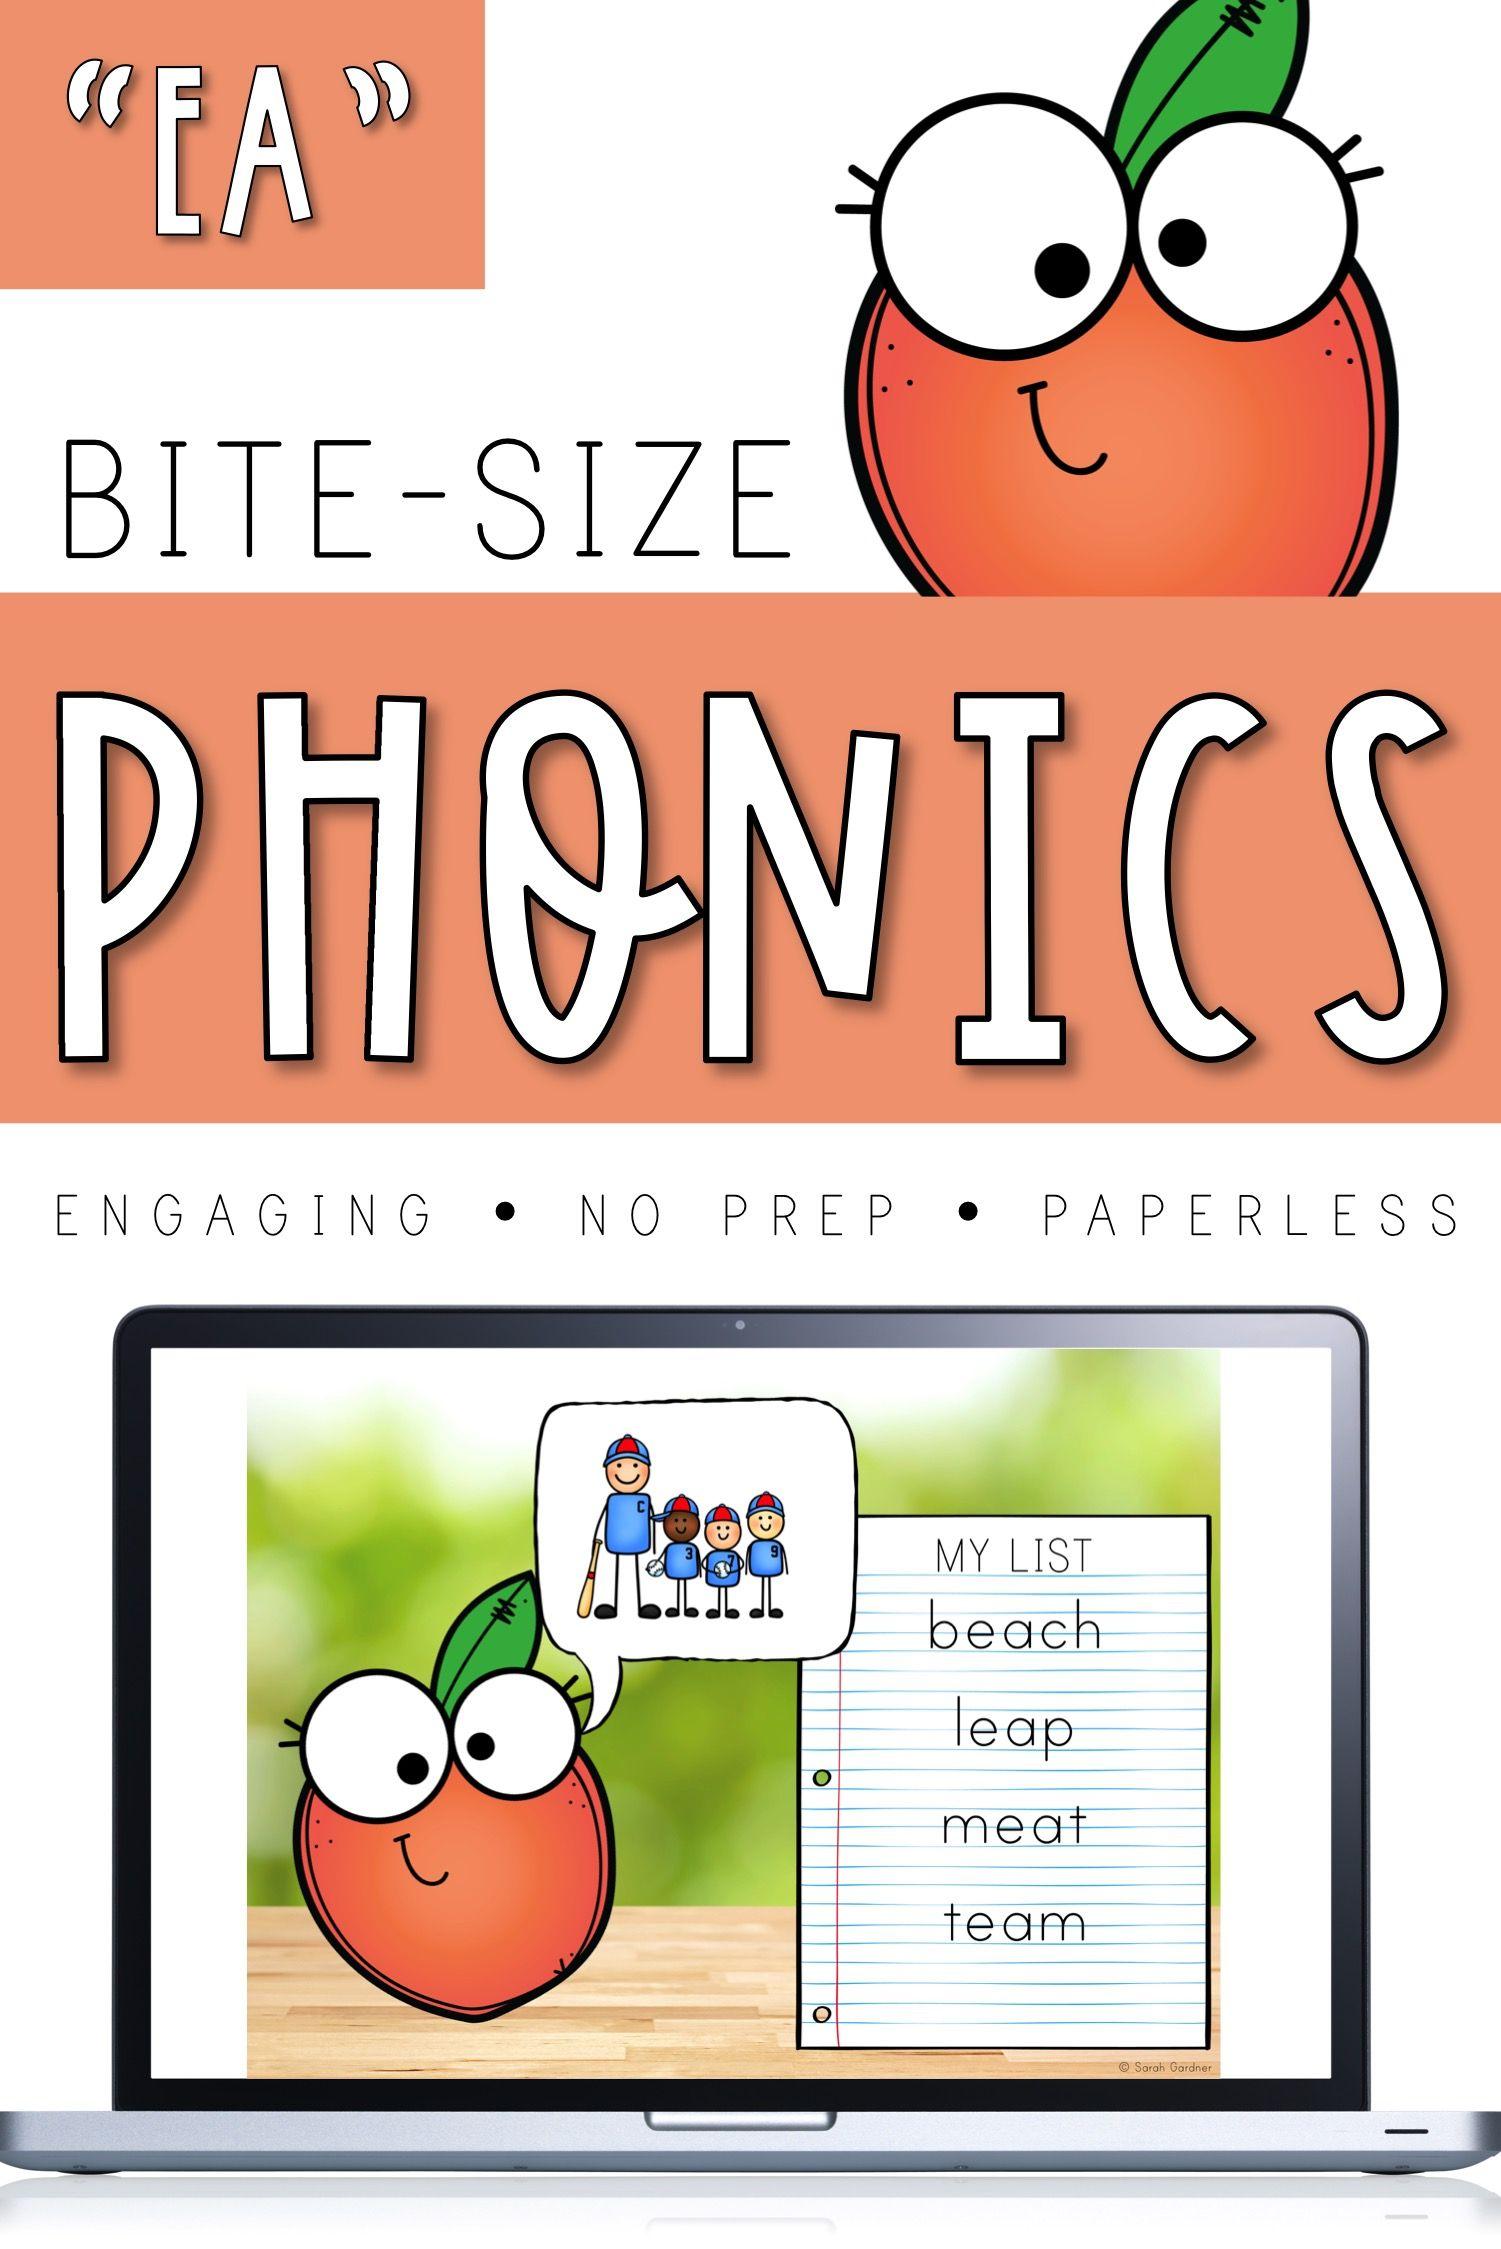 Bite Size Phonics Lessons